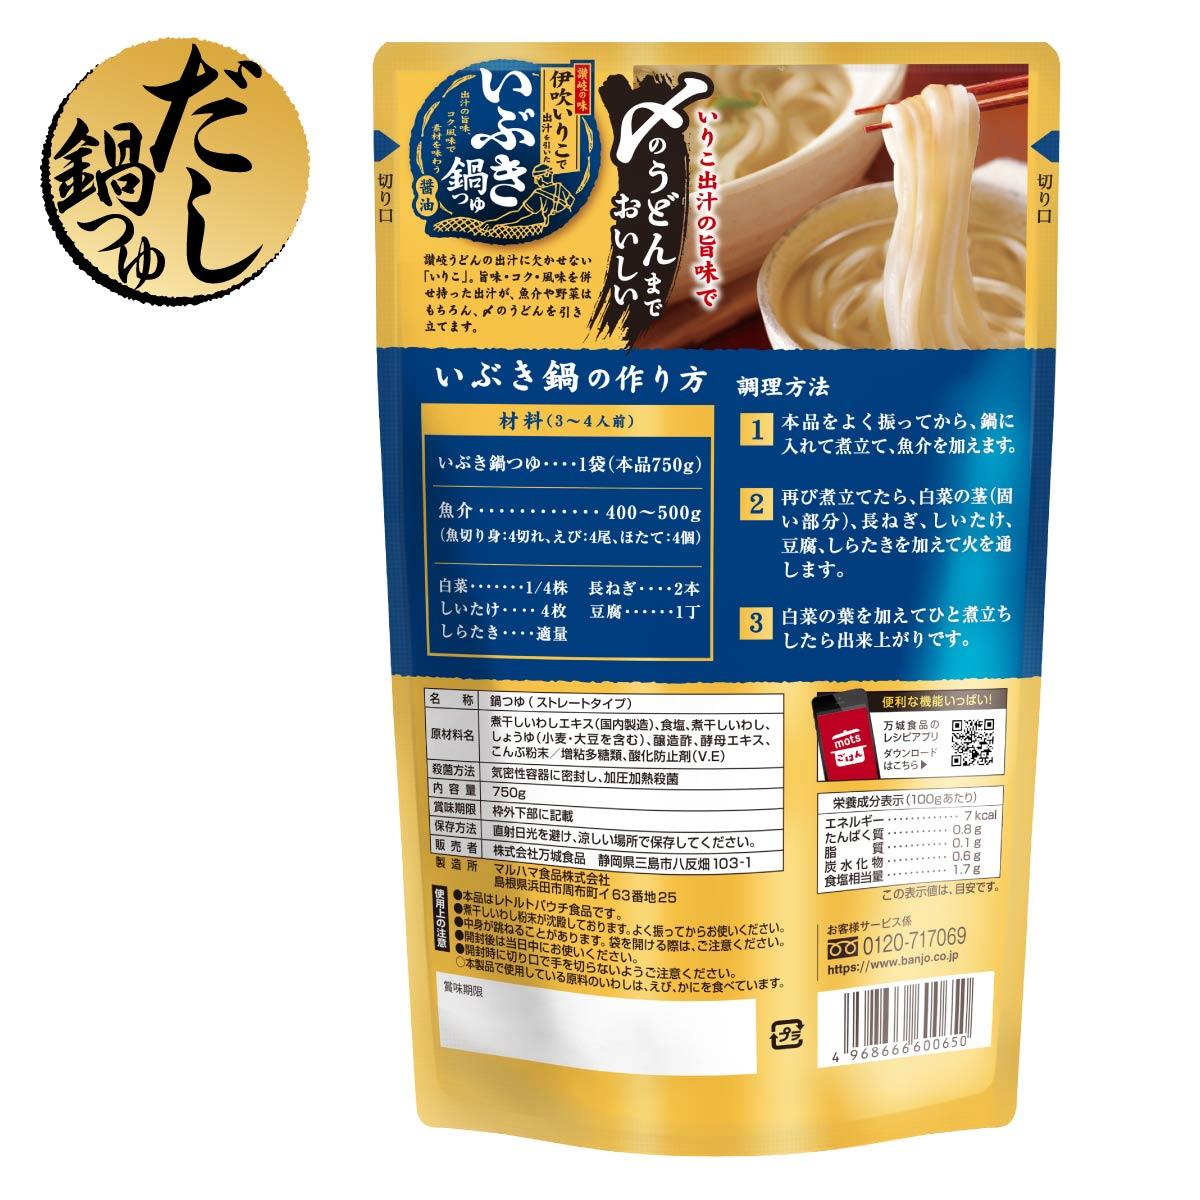 【秋冬限定】いぶき鍋つゆ750g(ストレートタイプ)